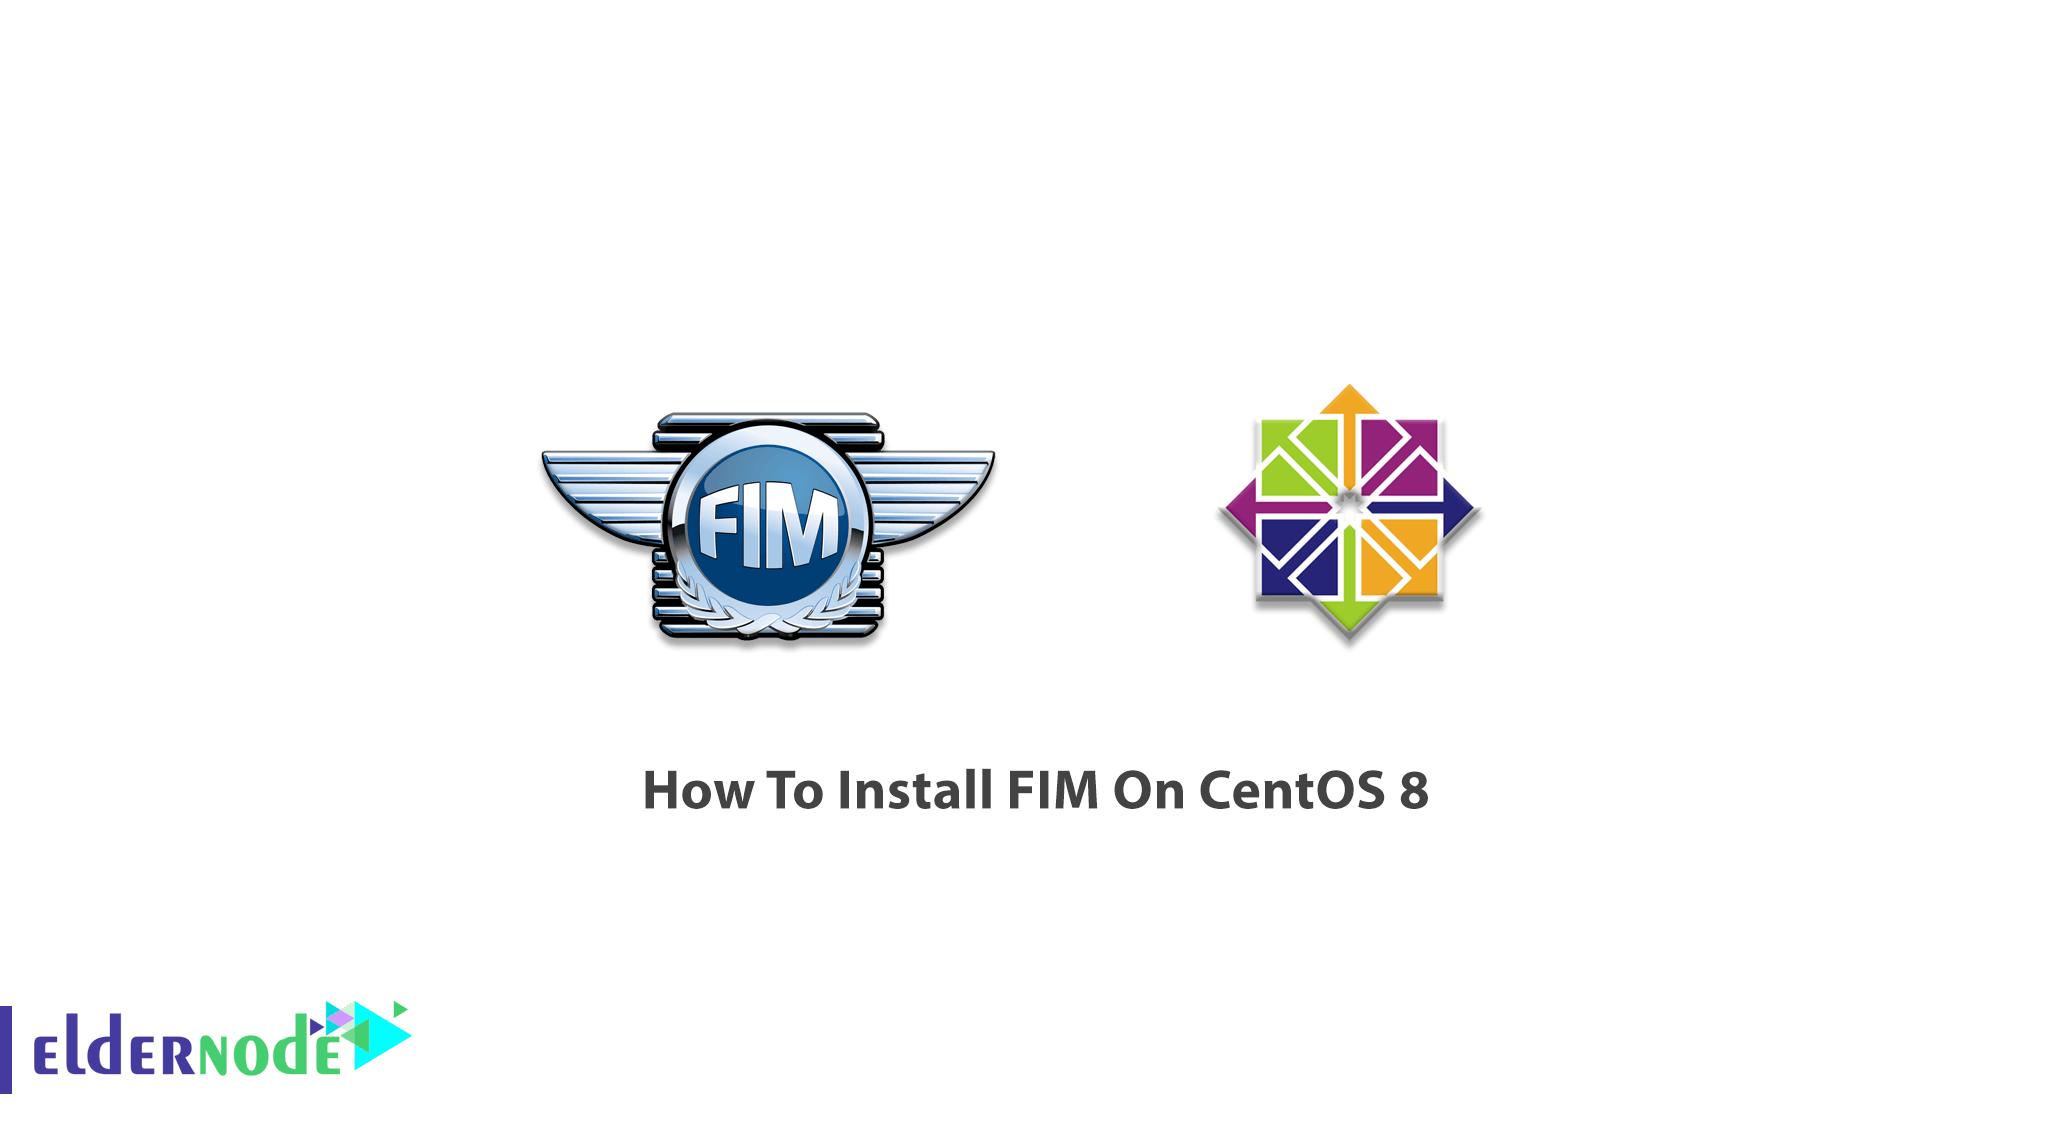 How To Install FIM On CentOS 8